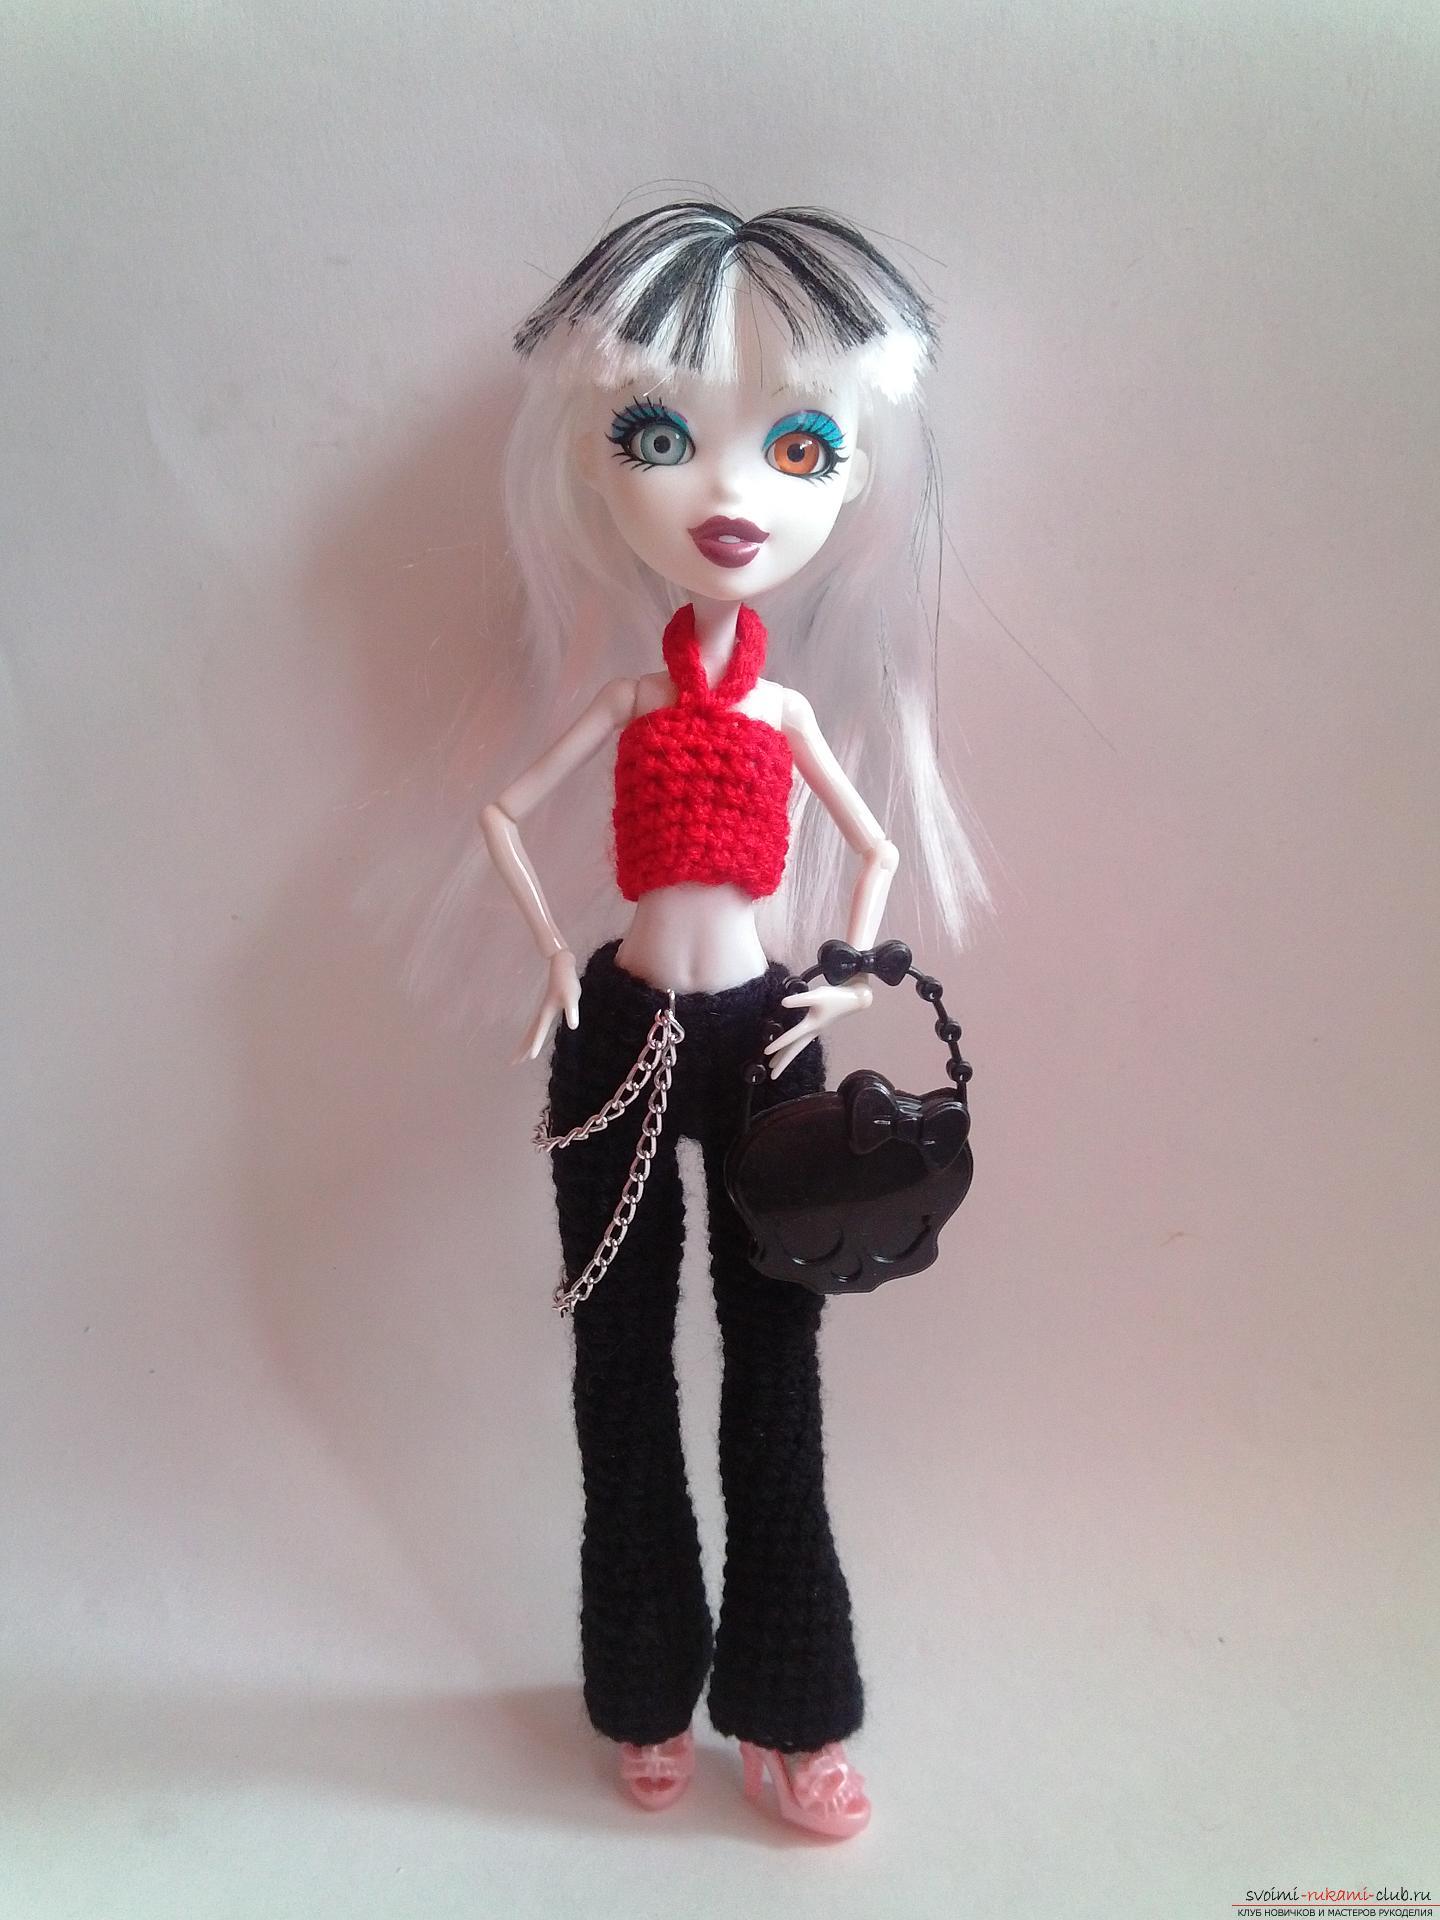 Вязание крючком по нашему мастер-классу поможет связать одежду для кукол Монстер Хай – брюки и топ.. Фото №11